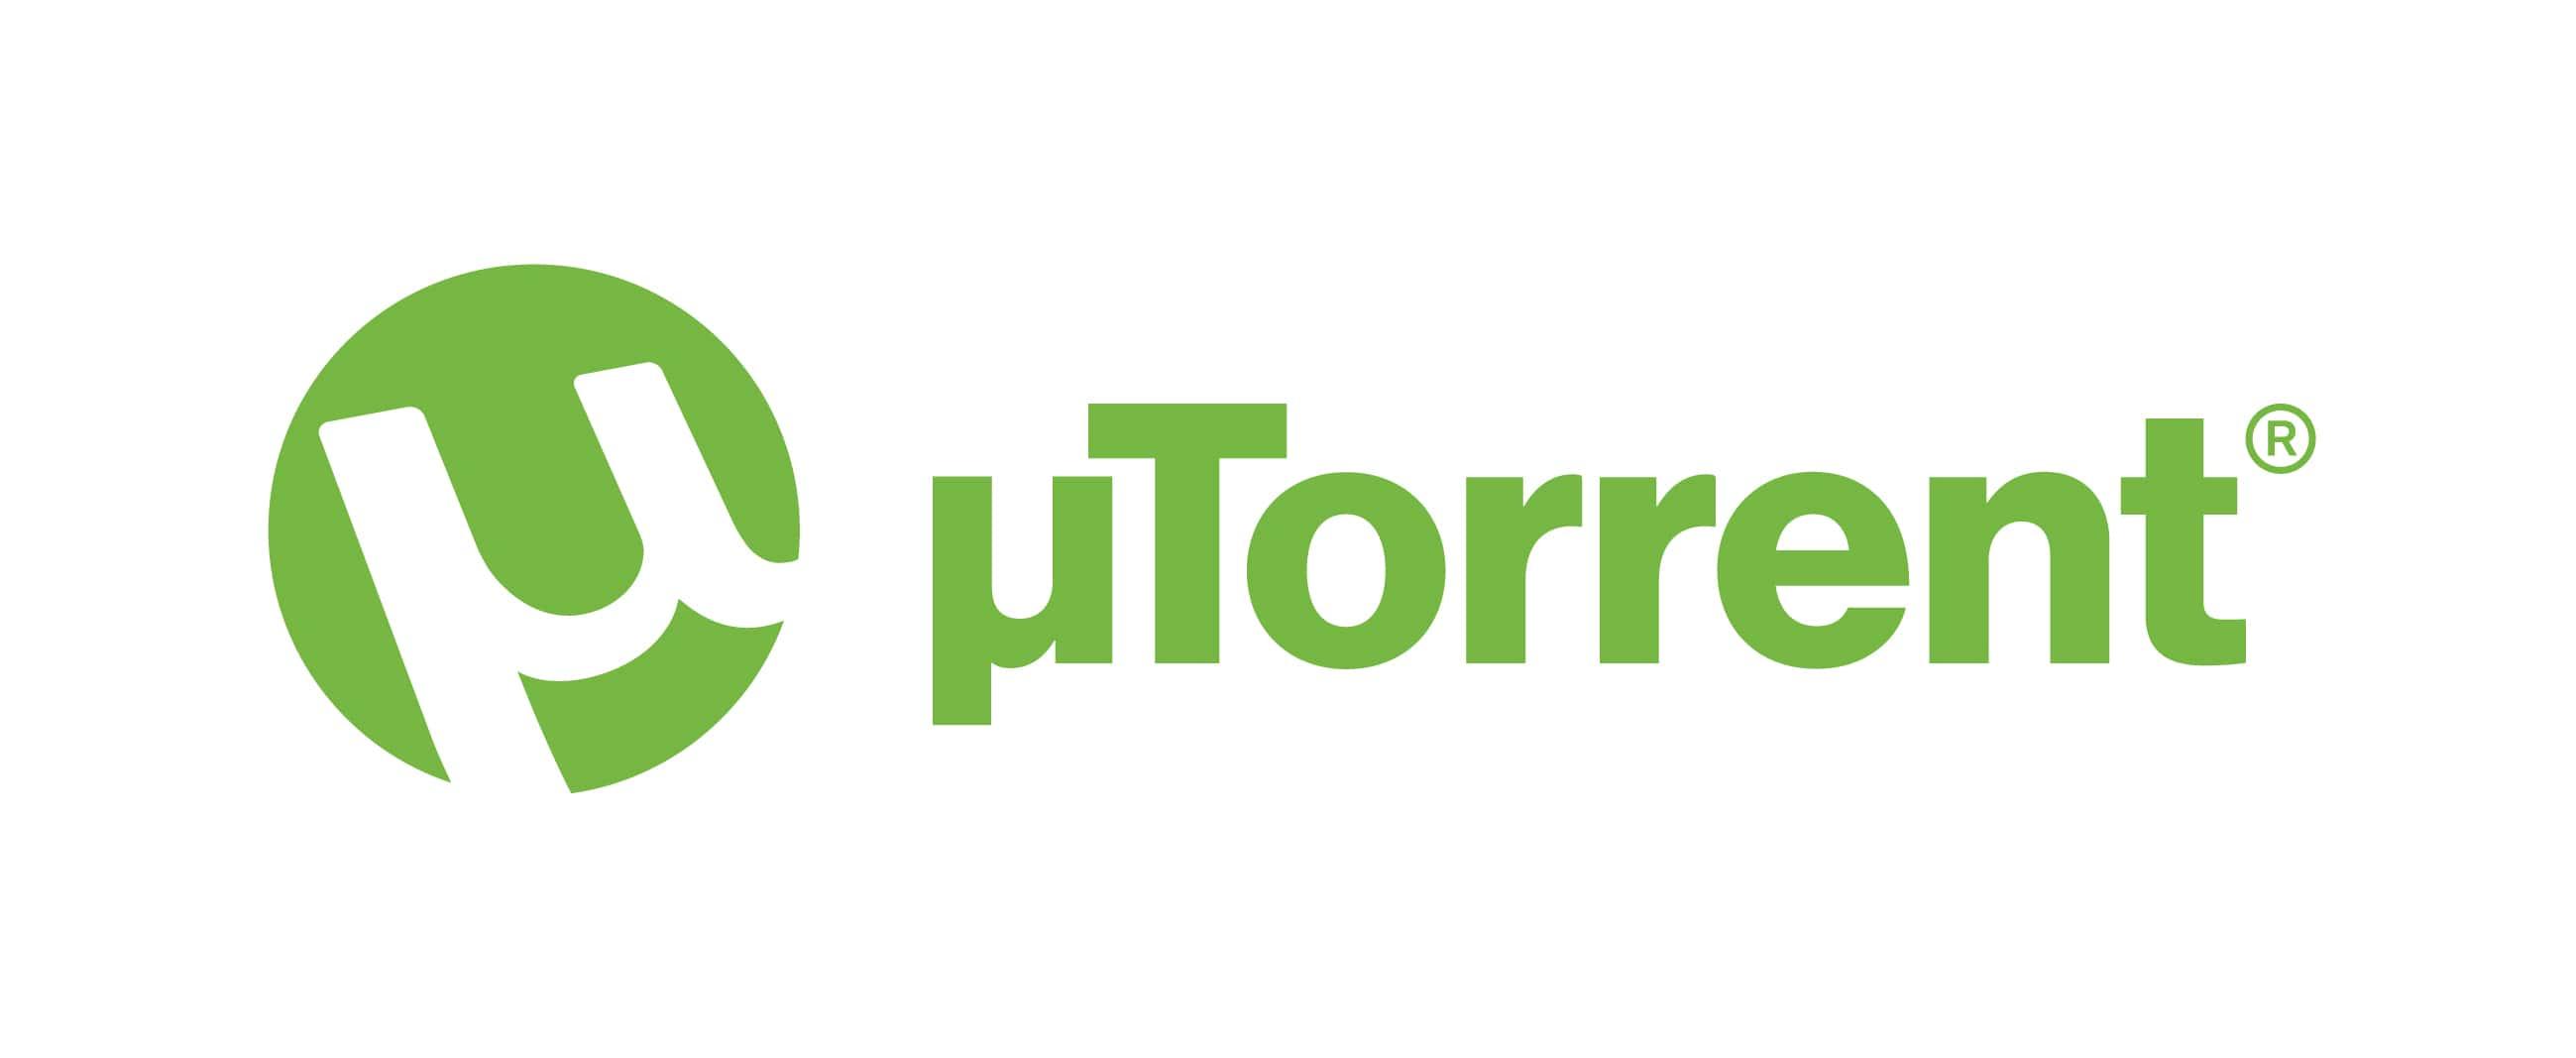 uTorrent 3.5.5 build 45146 качать бесплатно (Мю Торрент)